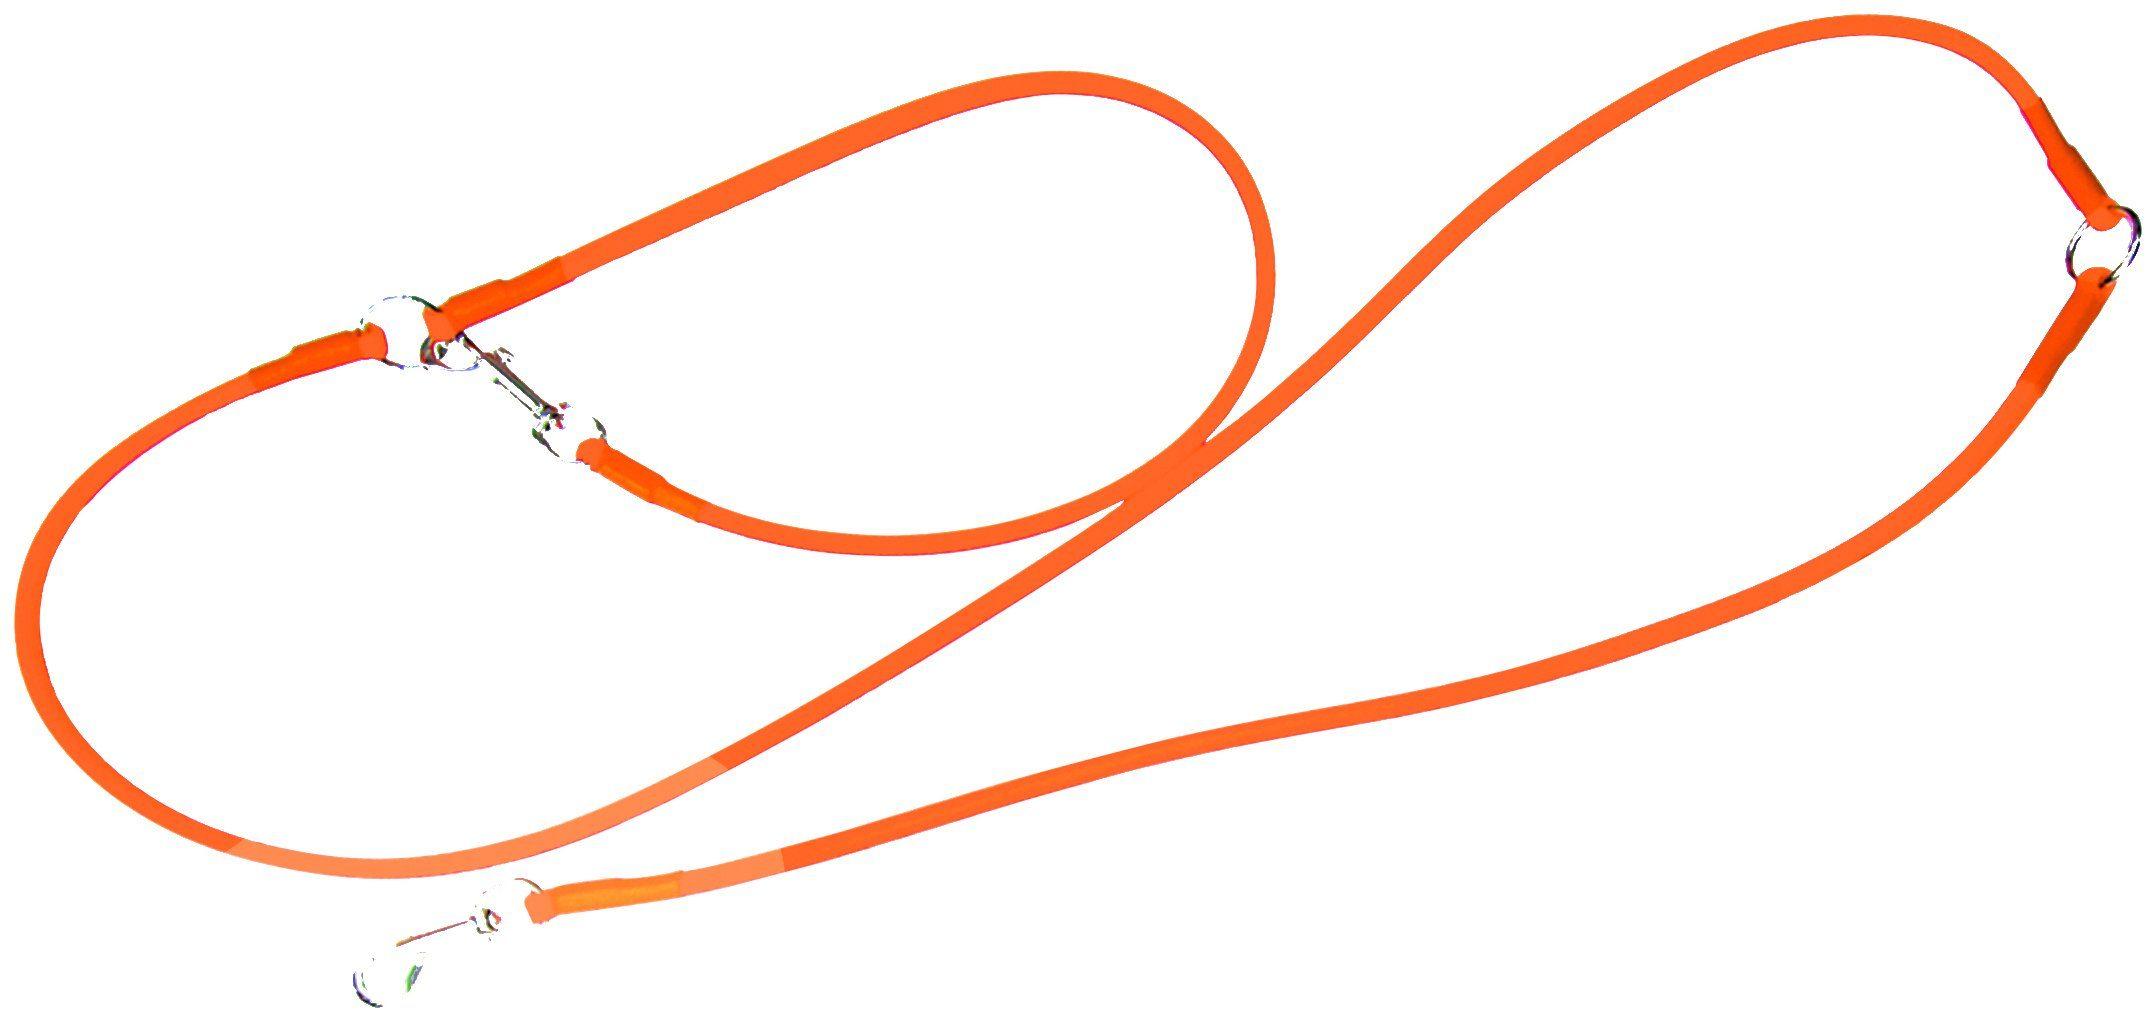 HEIM Retrieverleine »Biothane«, orange, Ø: 0,8 cm, L: 2,5 m